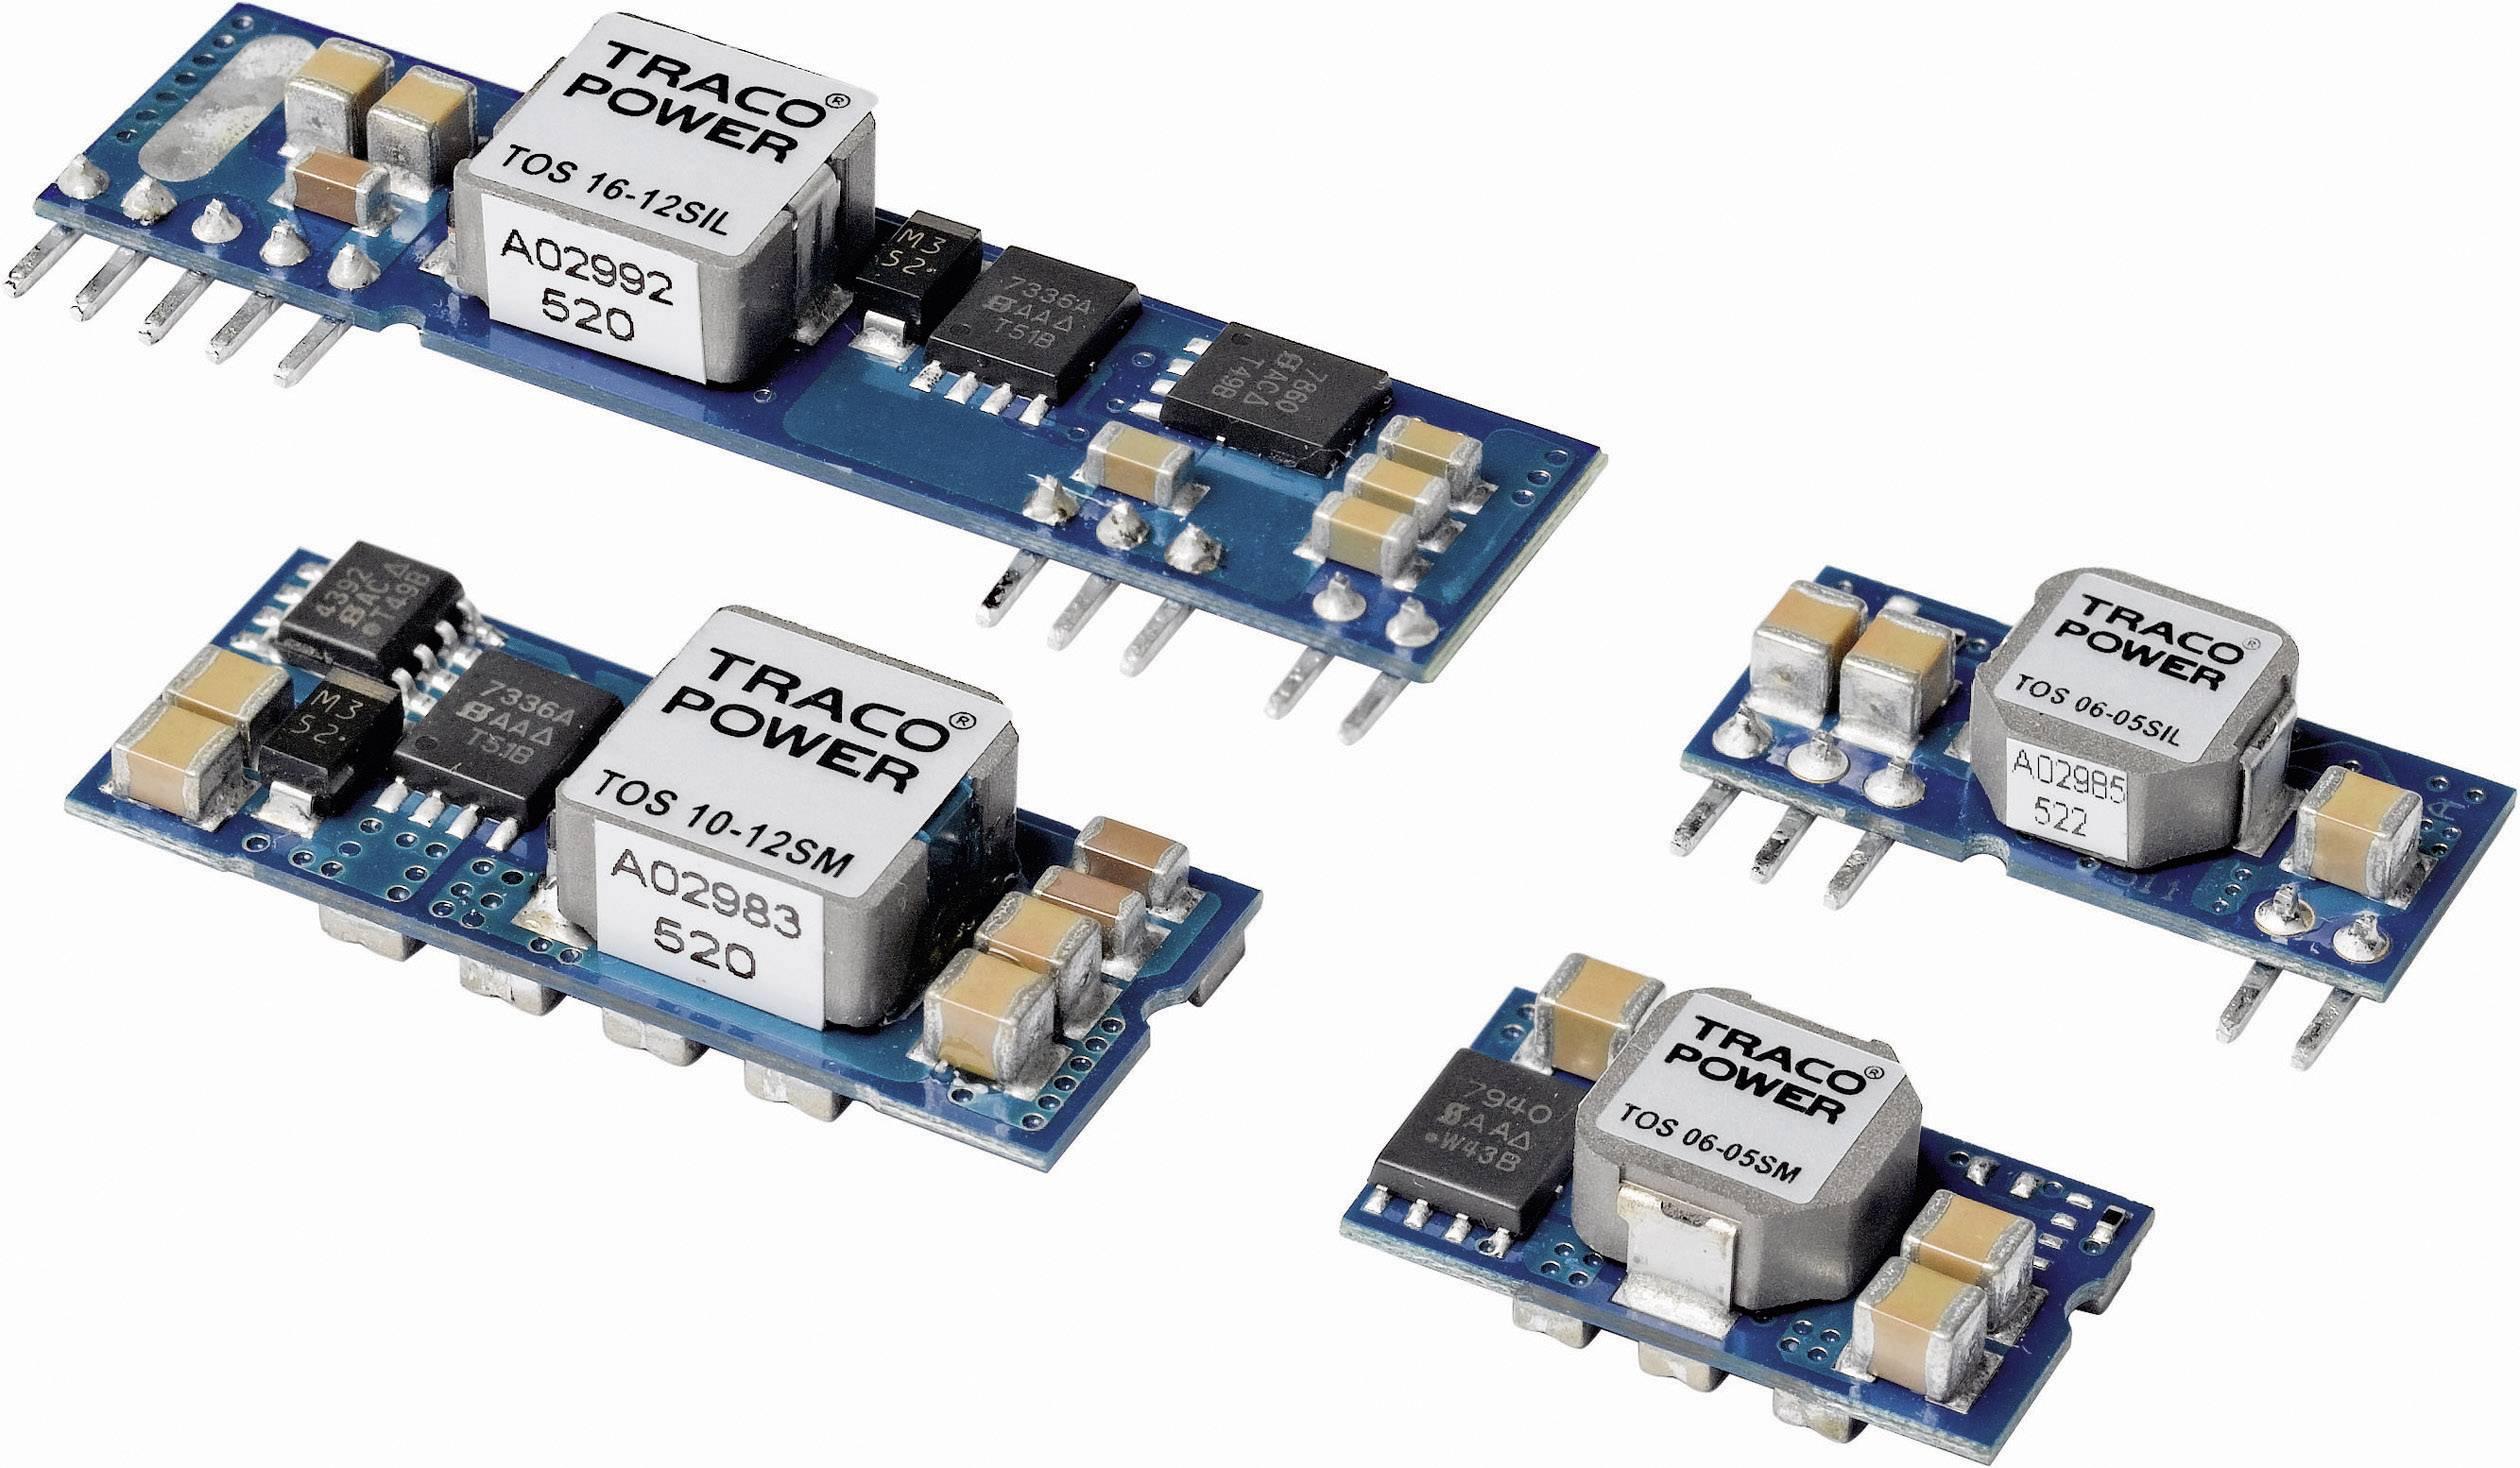 DC/DC měnič TracoPower TOS 16-12SIL, vstup 8,3 - 14 V/DC, výstup 0,75 - 5 V/DC, 16 A